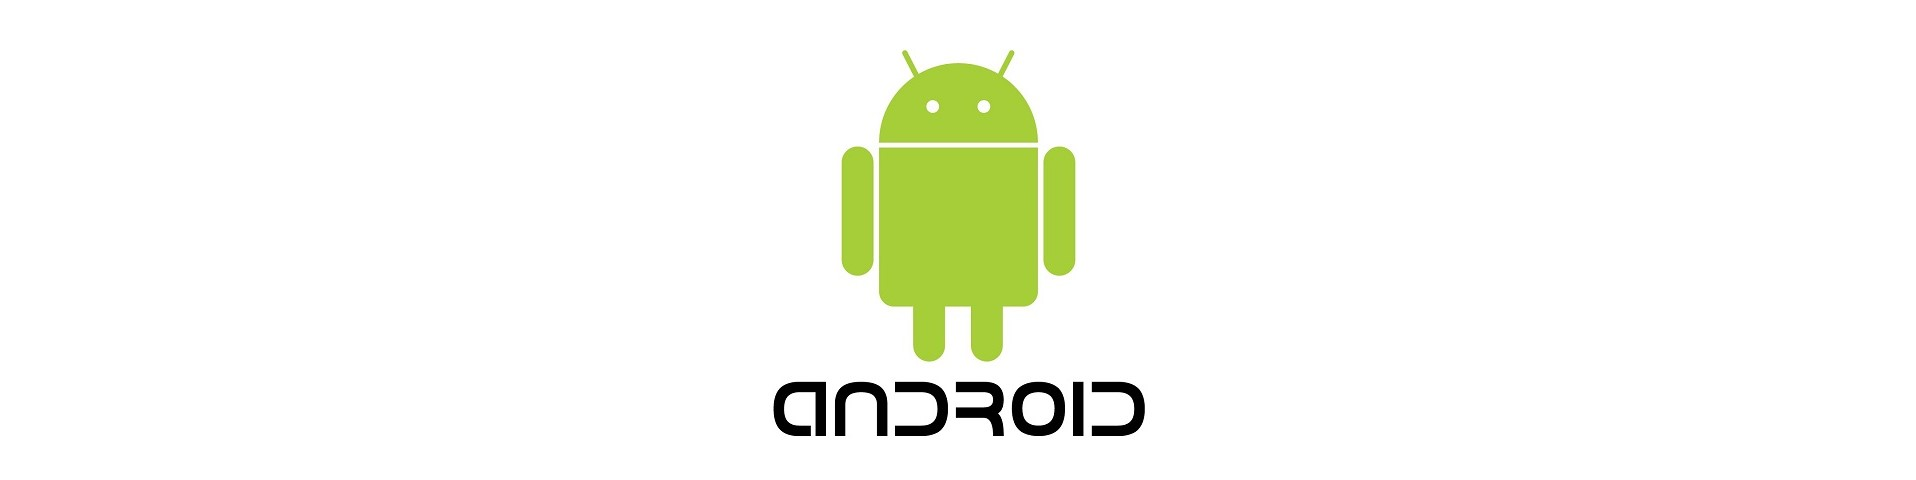 Android实战:利用SQLite实现简单的记事本(笔记本)